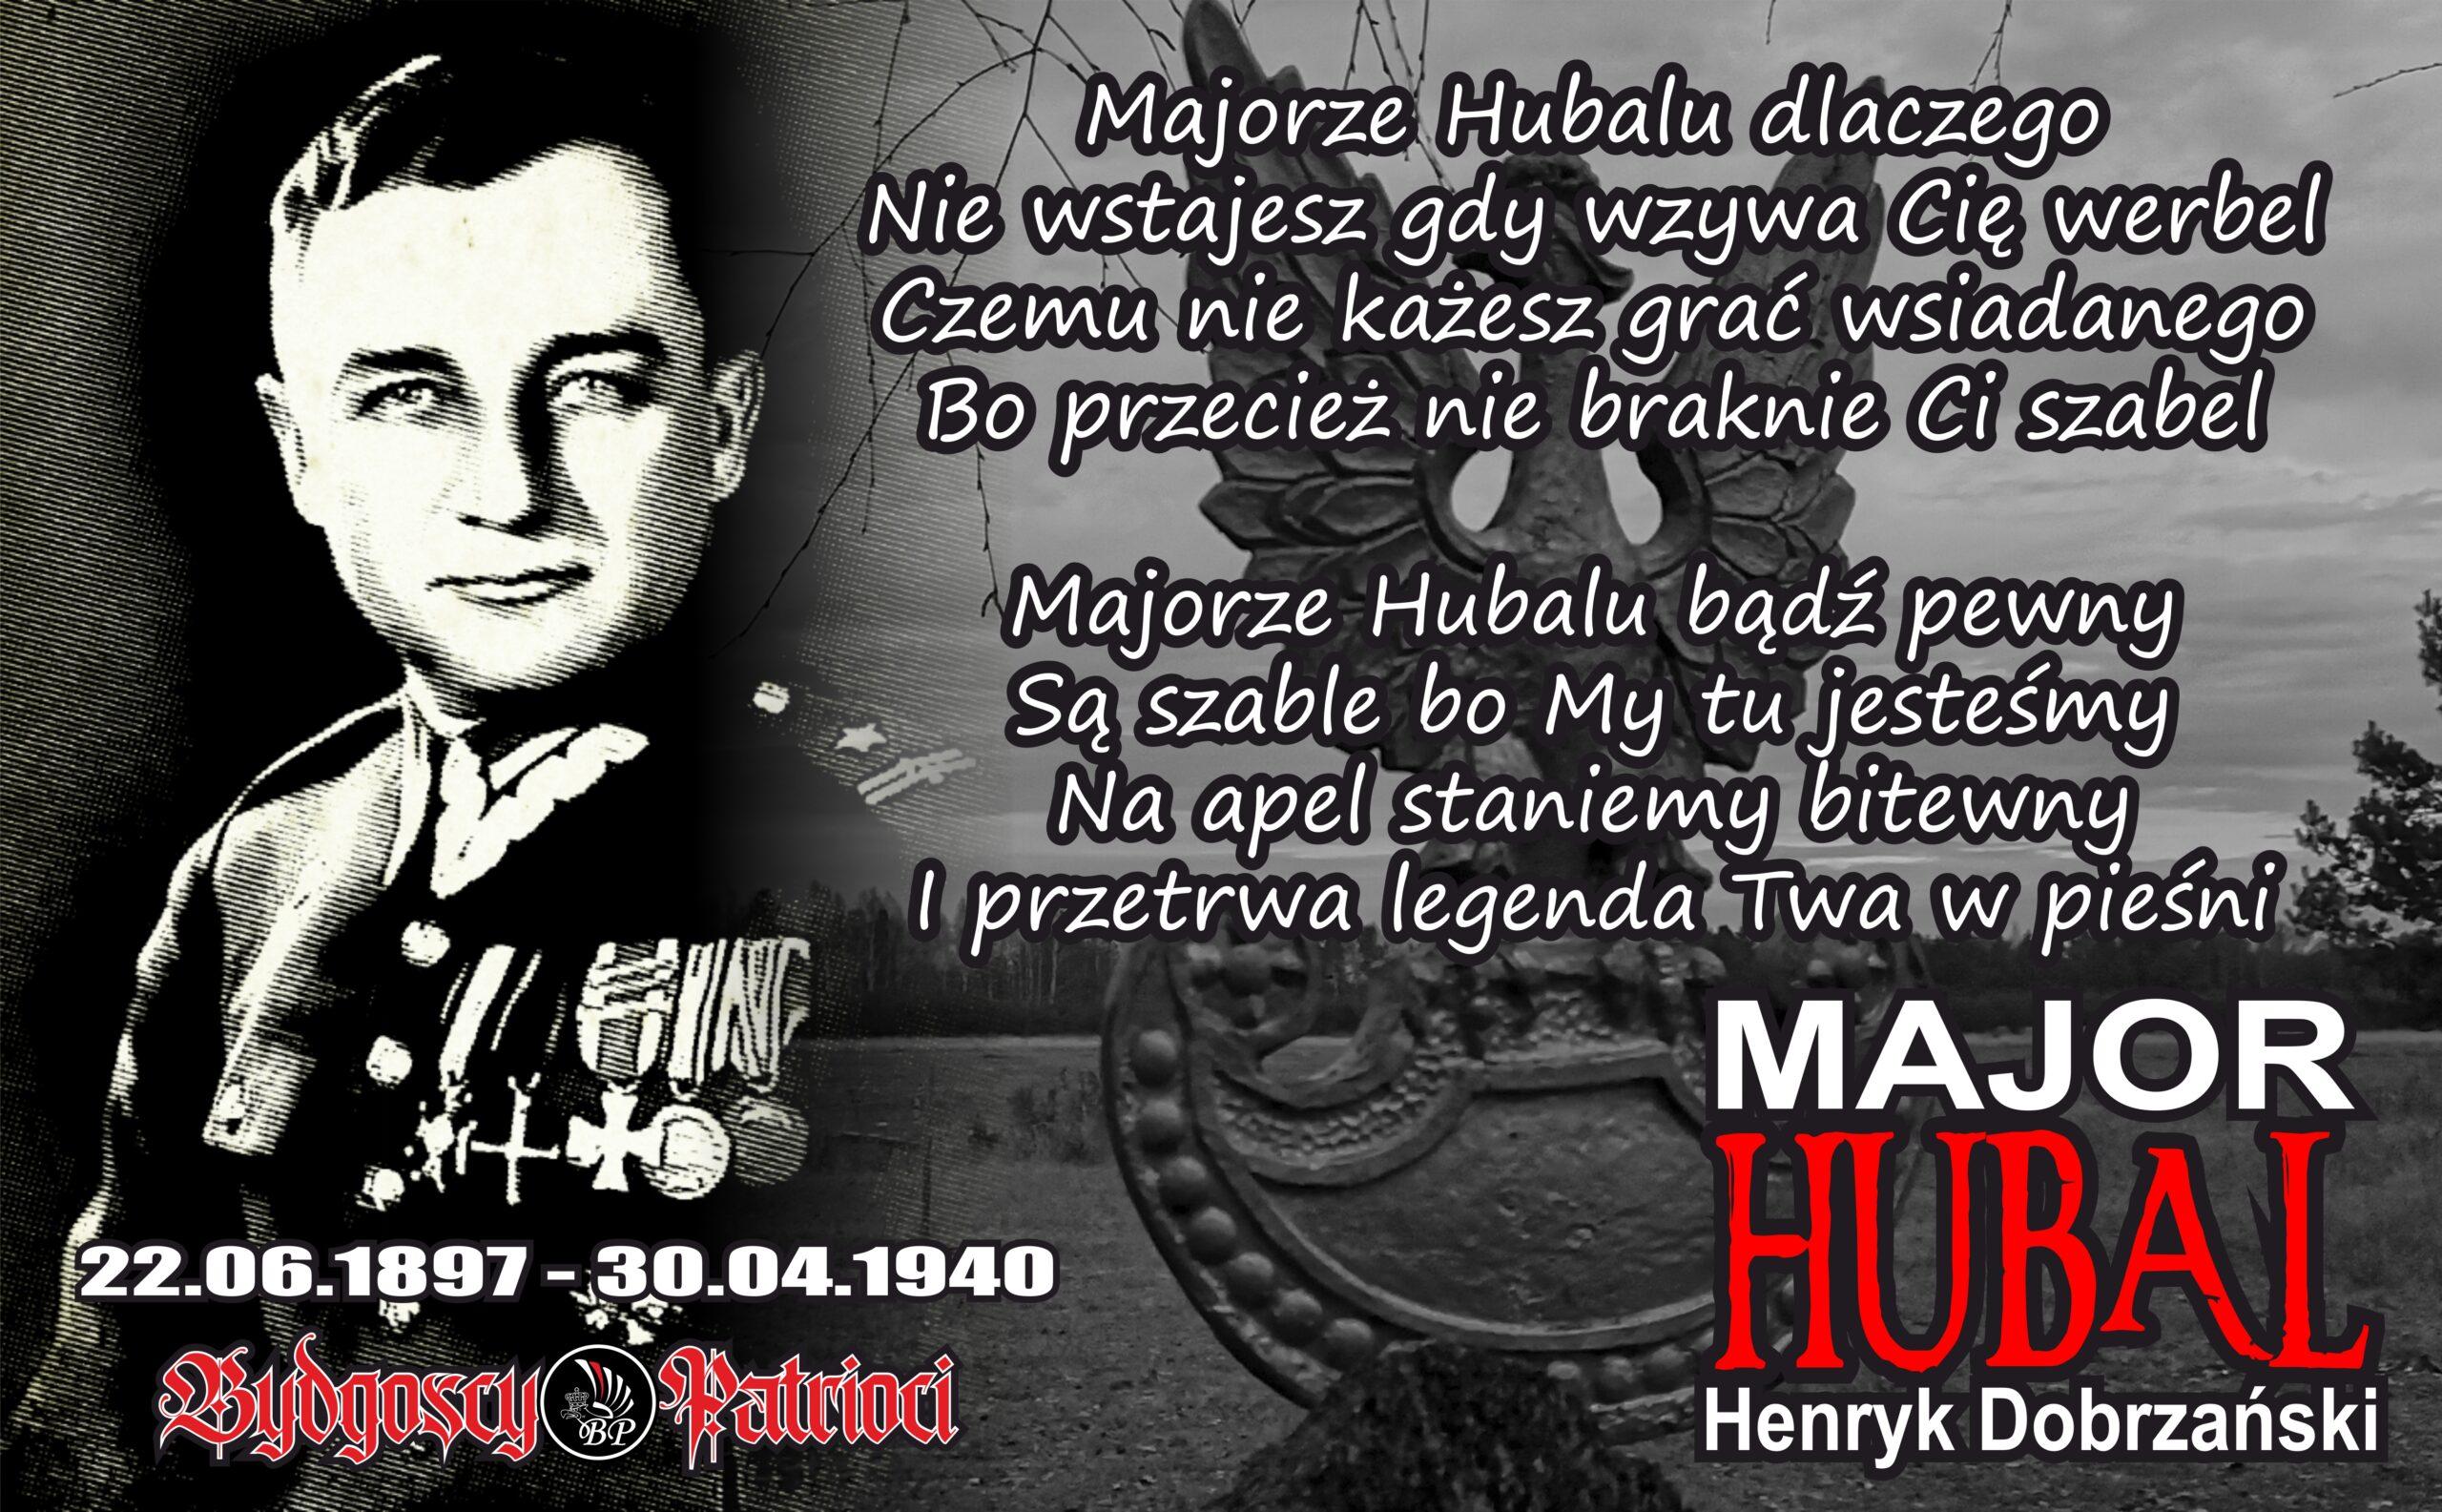 Hubalx